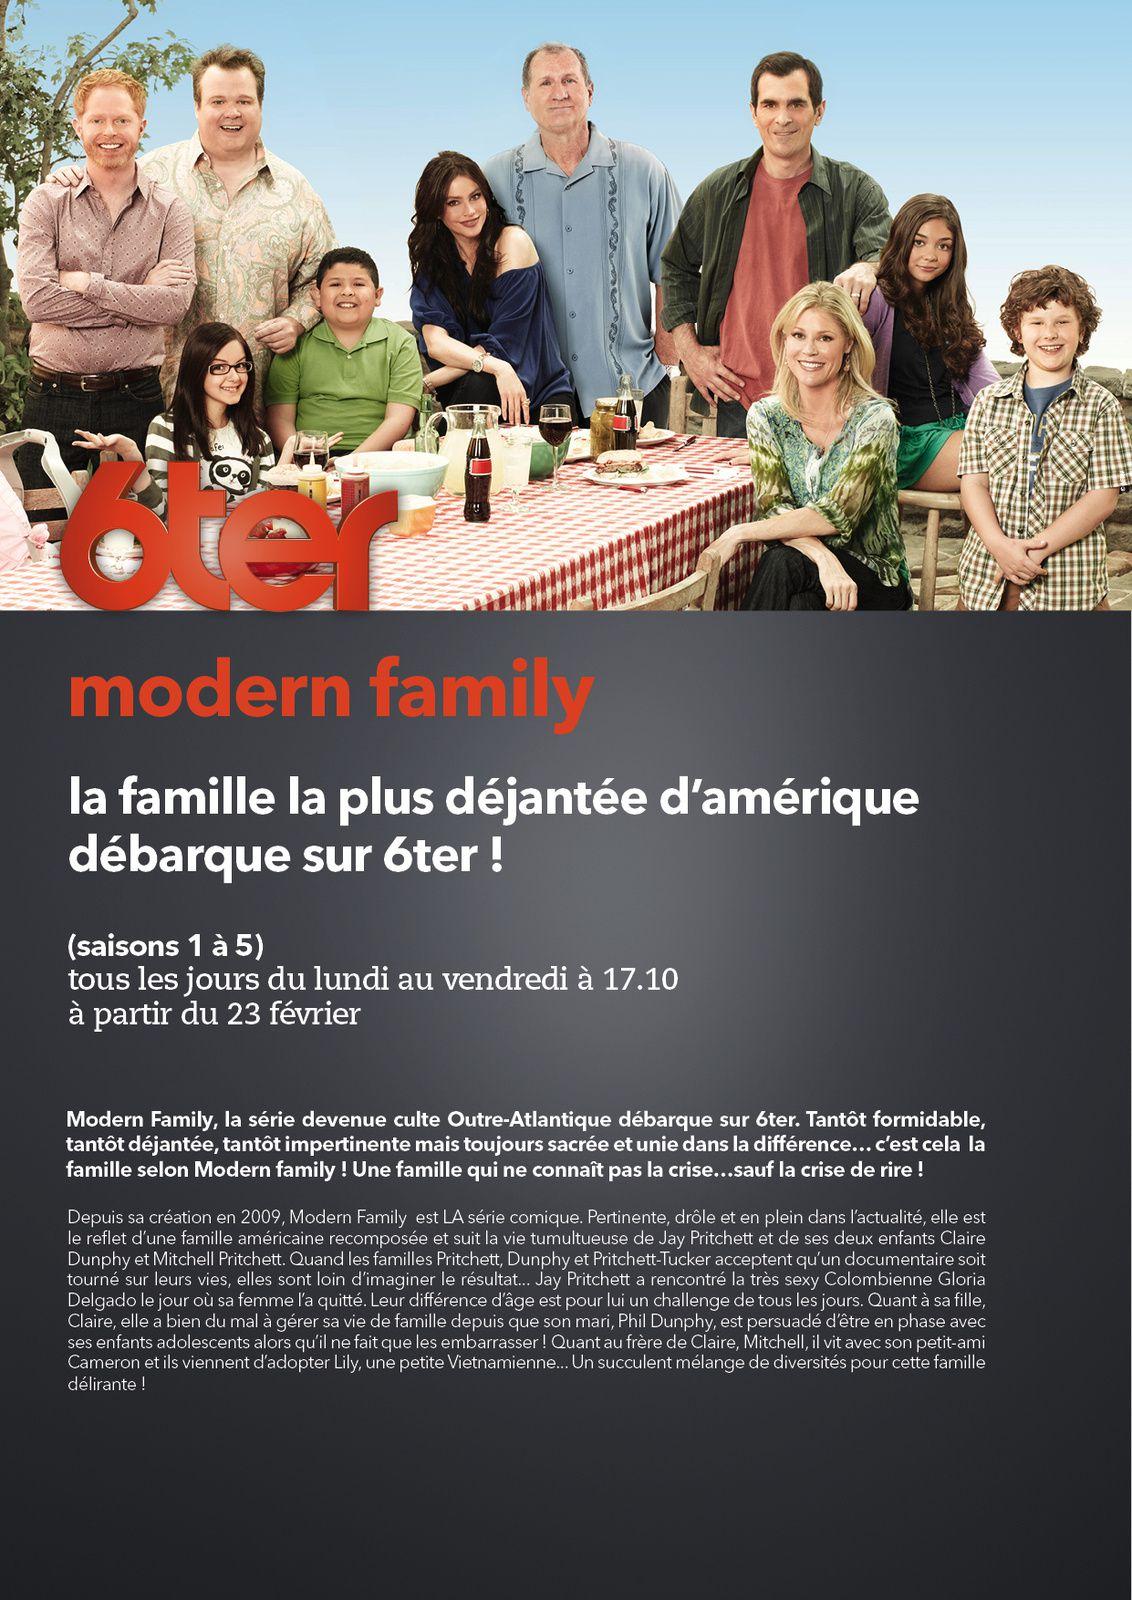 La série Modern Family a redécouvrir sur 6ter dès le 23 février.